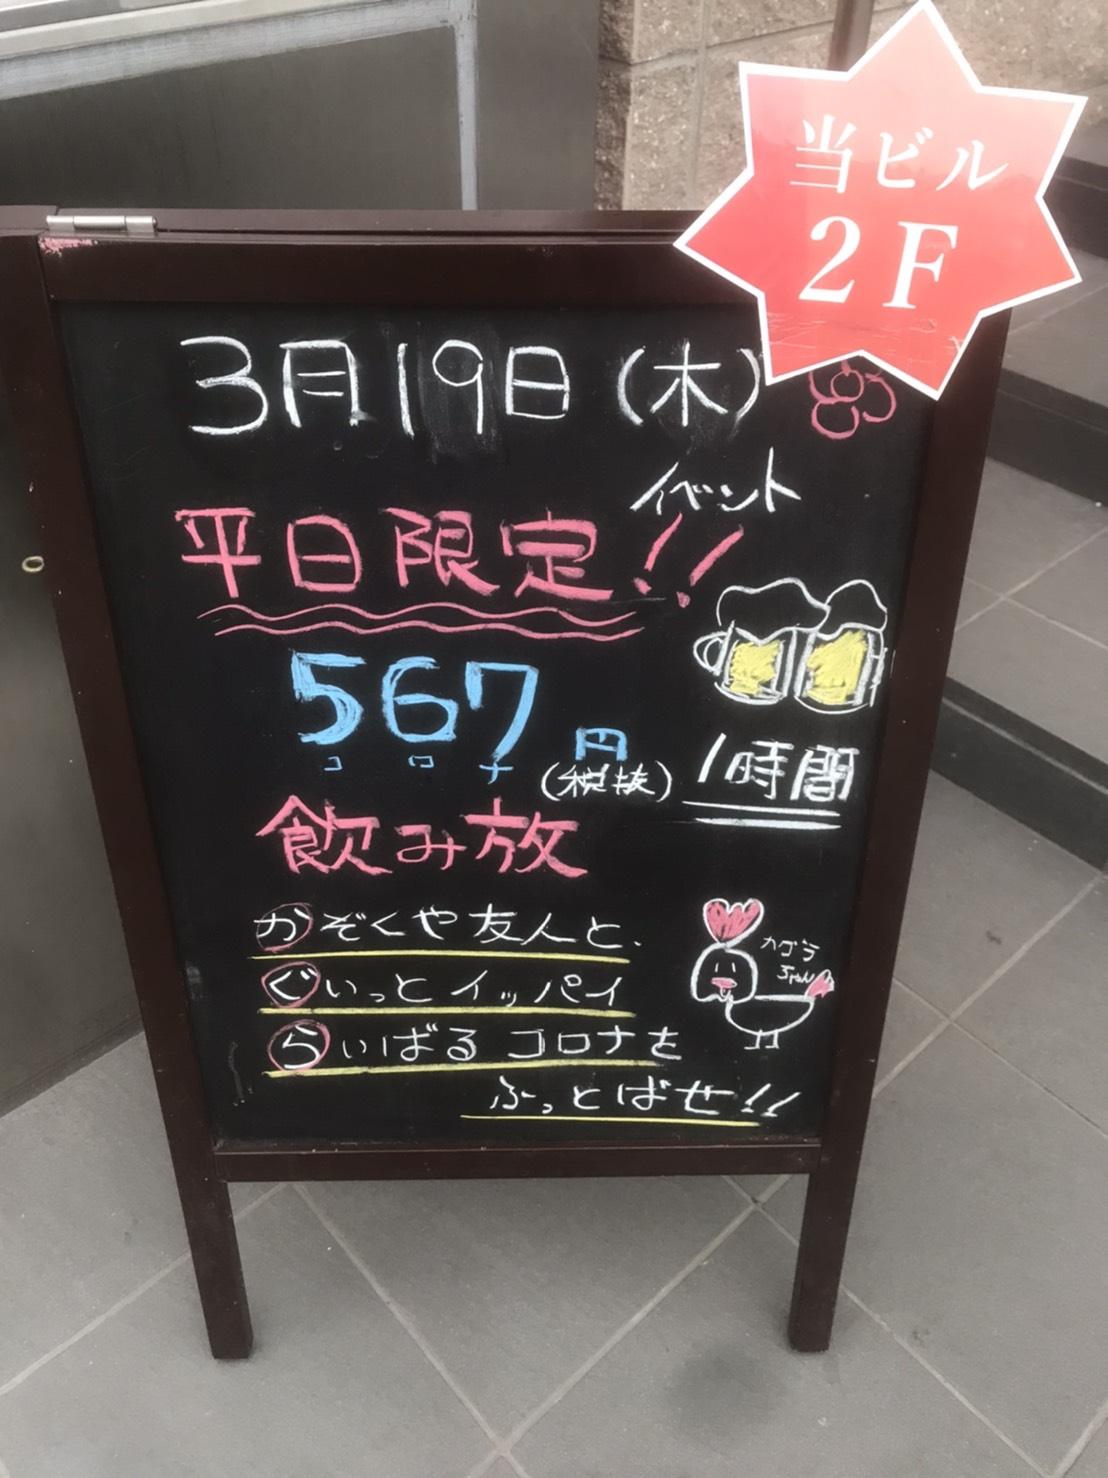 炭火焼鳥かぐら(コロナに負けるな!!東海市の居酒屋に活気を!)